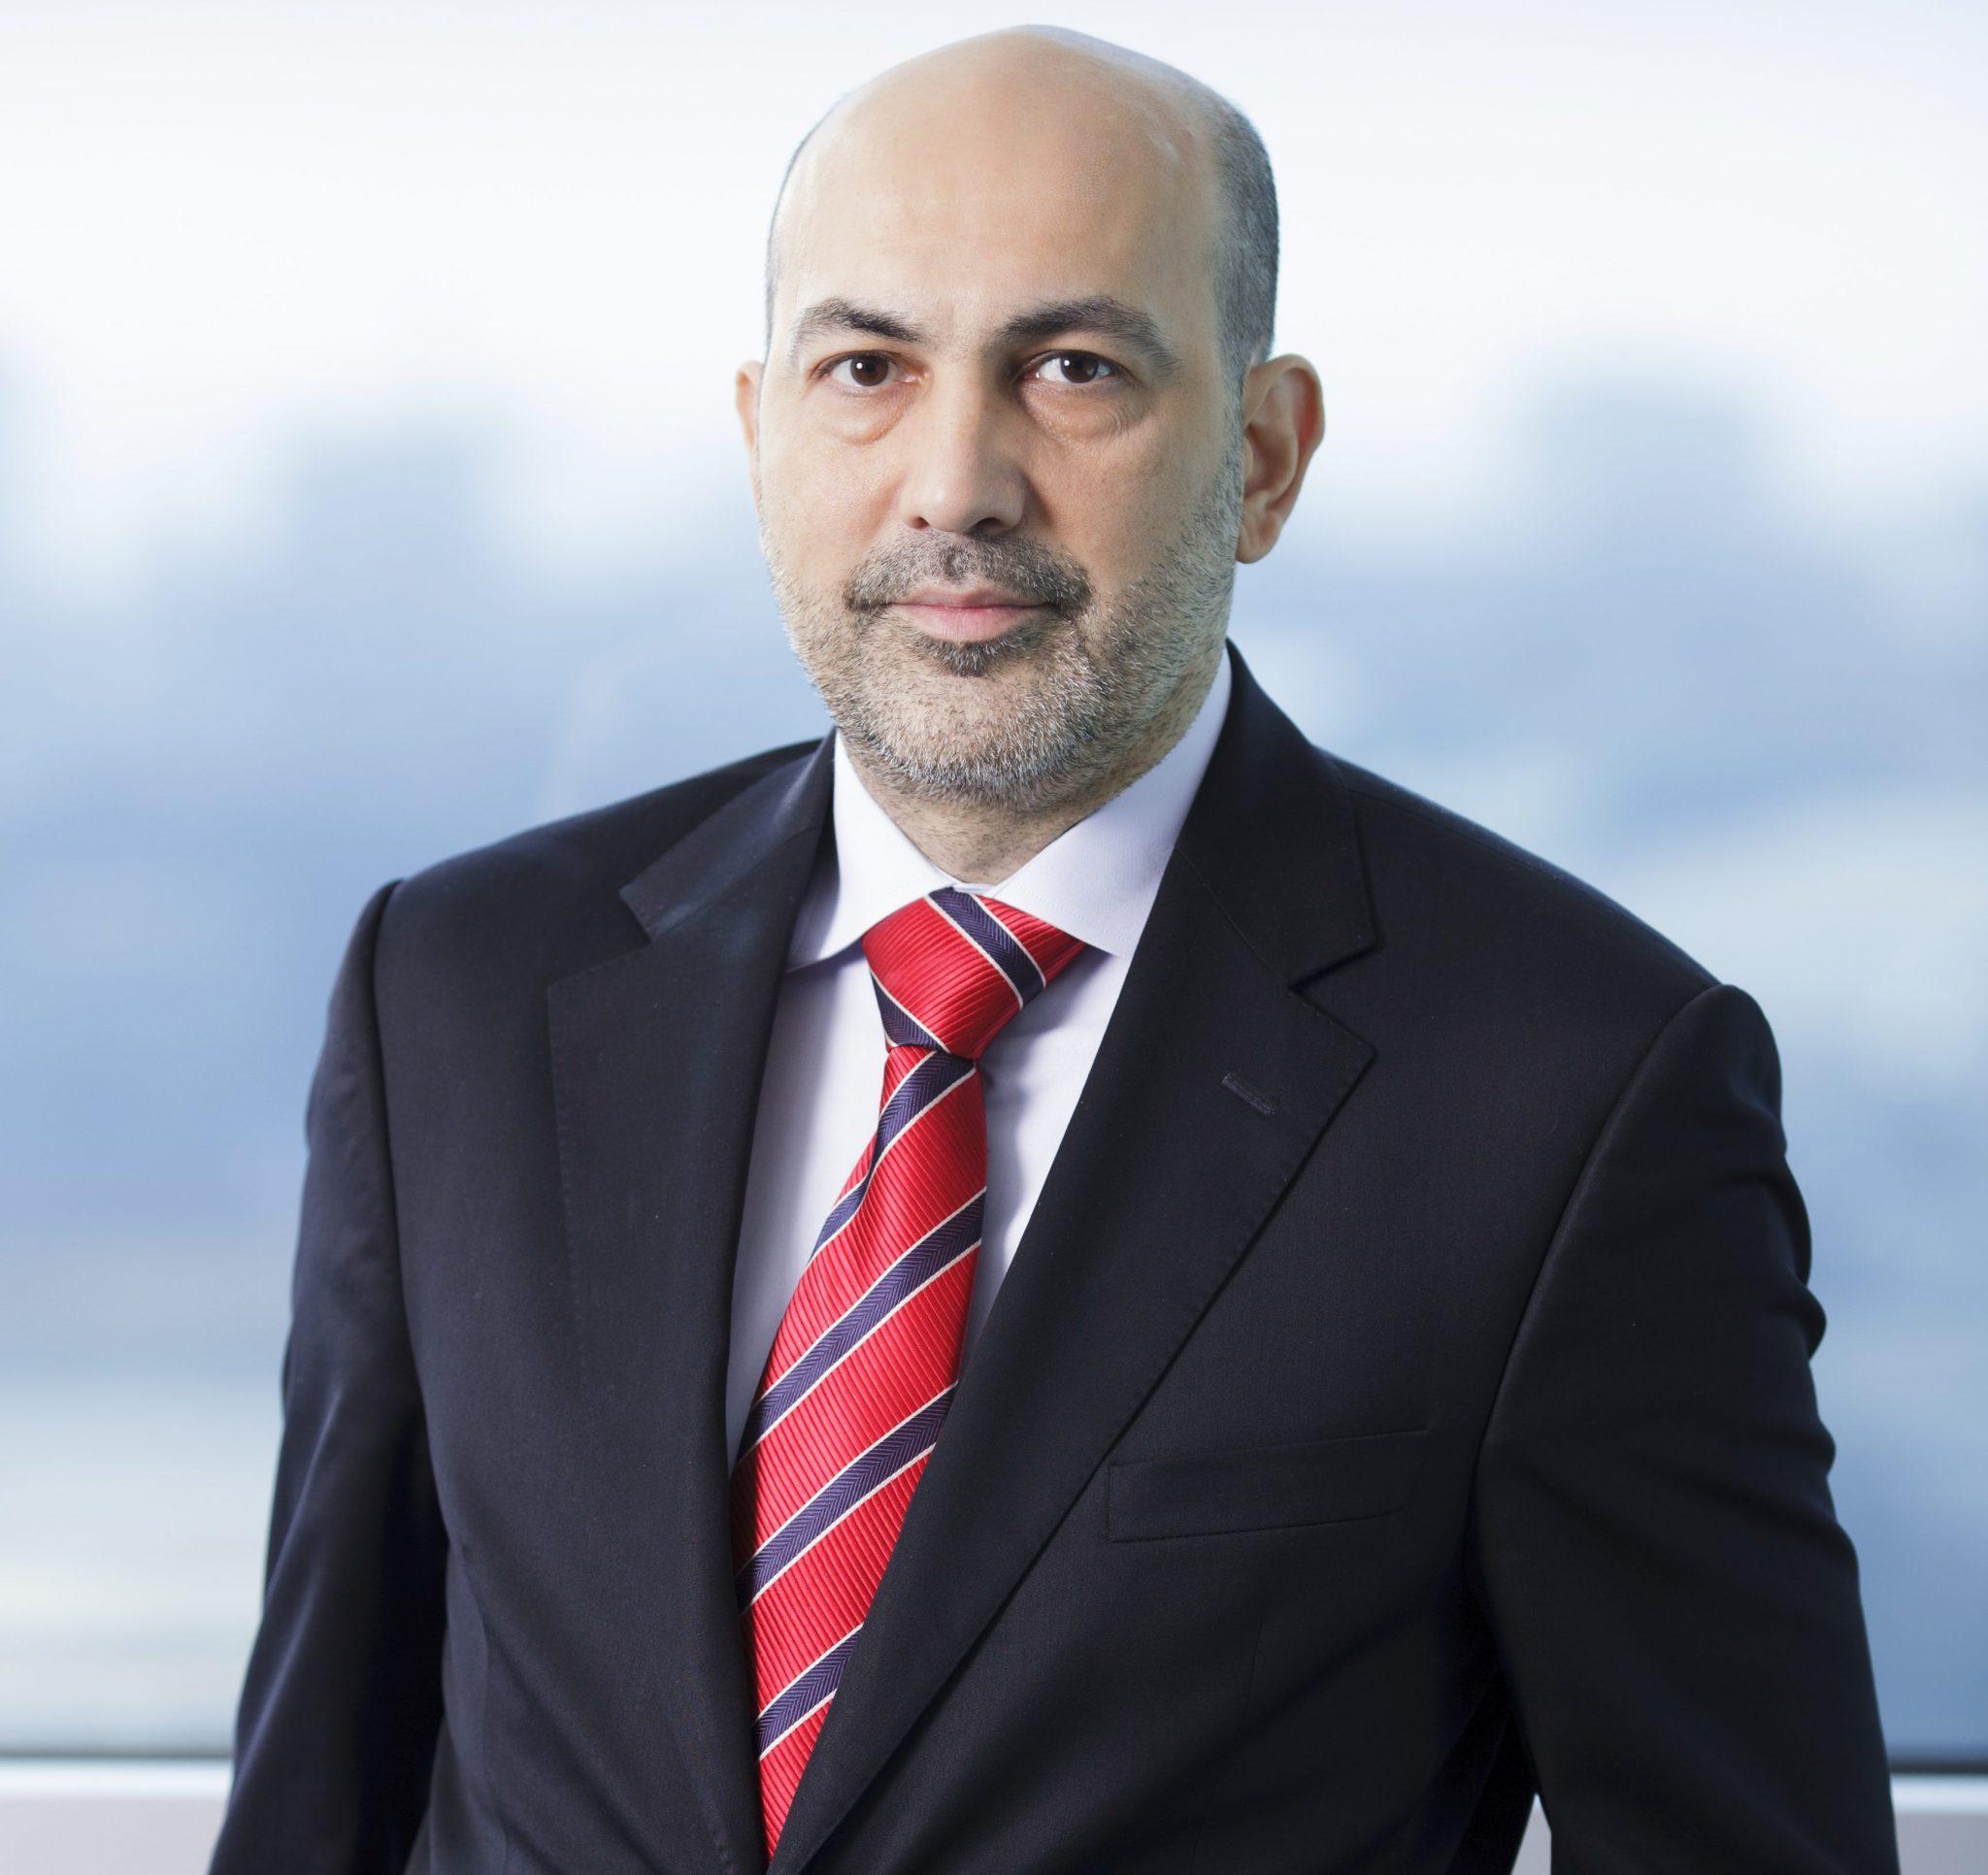 Albaraka Türk Genel Müdürü Melikşah Utku: 'İşimize Yenilik Katmaya Çalışıyoruz'